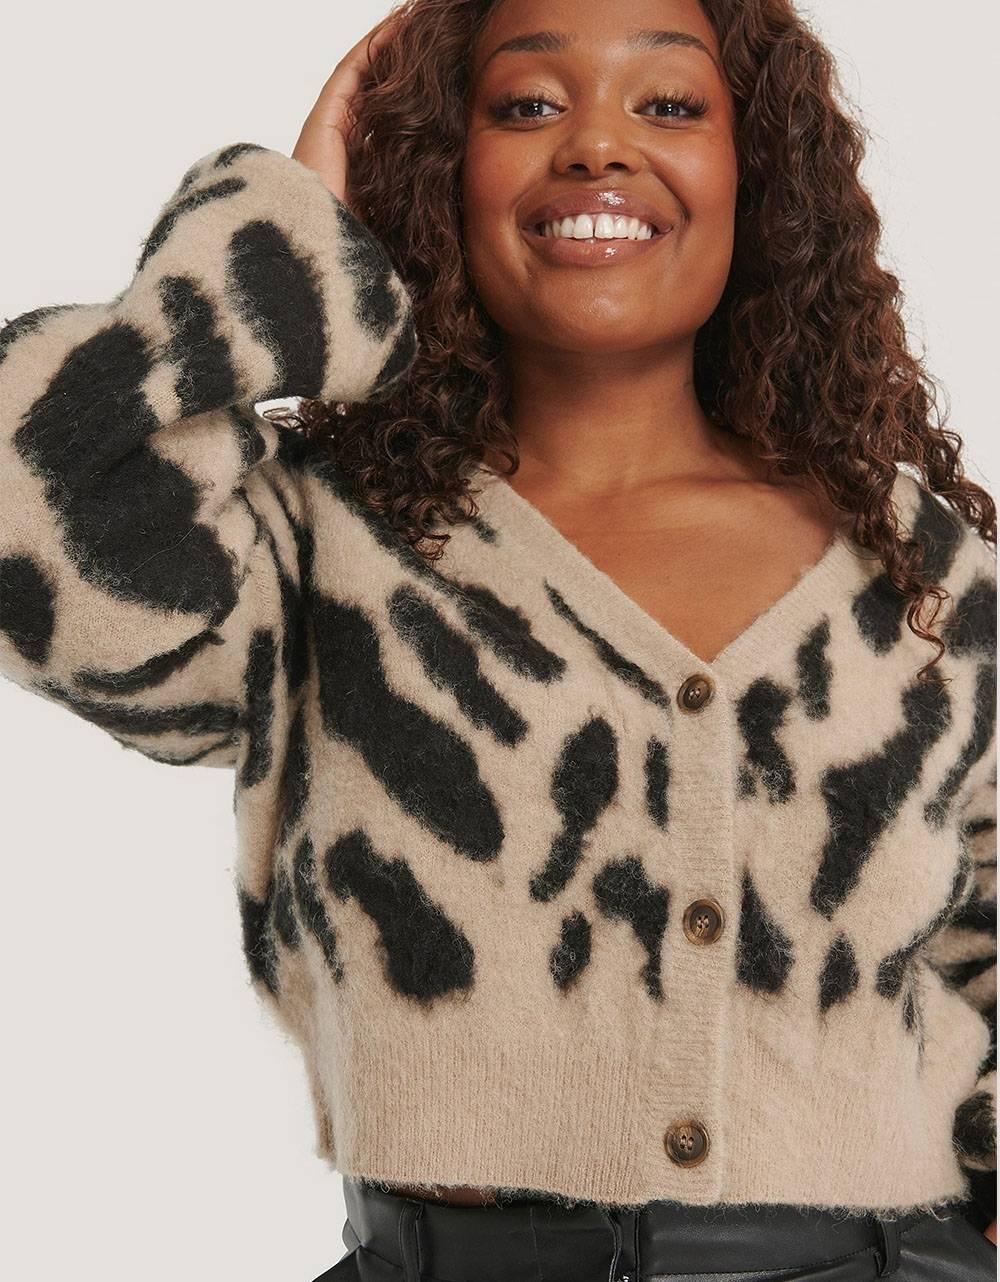 NA-KD brushed leo knitted cropped cardigan - beige/black NA-KD Knitwear 53,28€